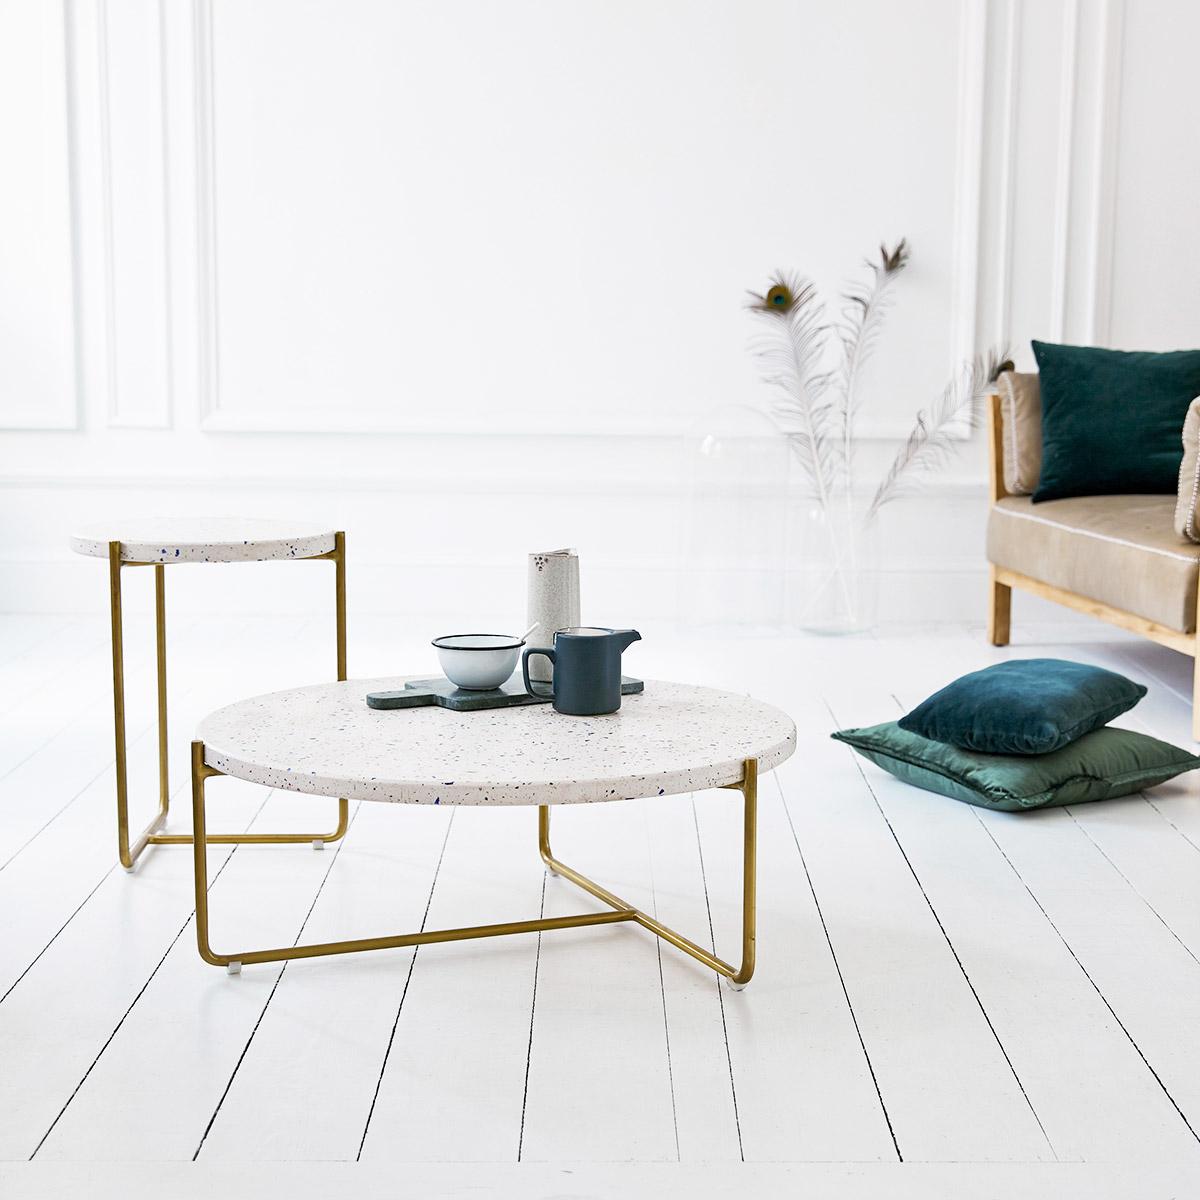 table basse ronde pieds laiton design moderne déco intérieure salon sol parquet bois lamé coussin velours vert